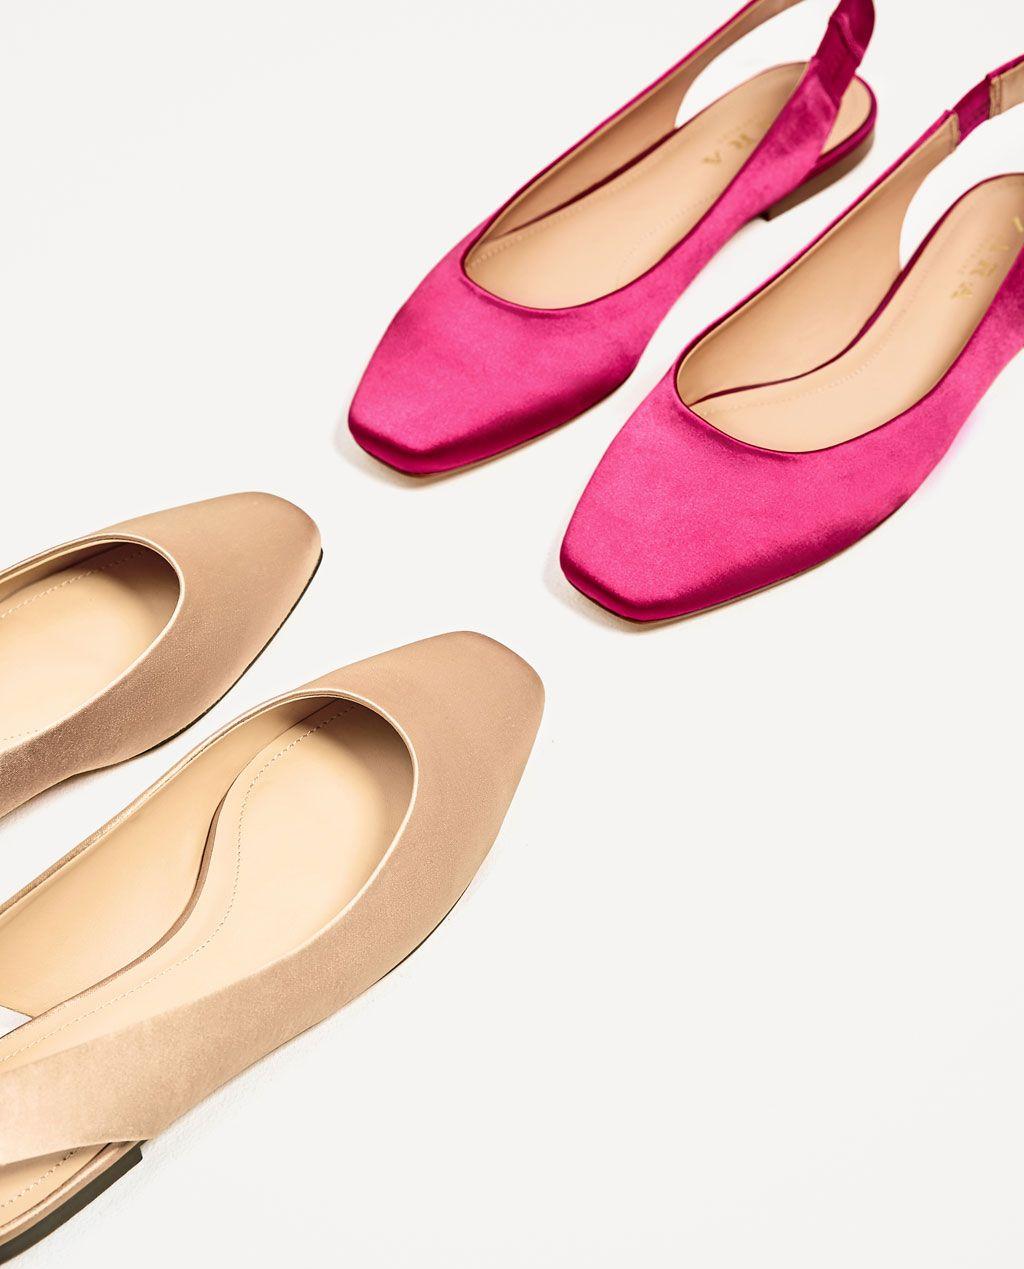 изображение 1 из БАЛЕТКИ ИЗ АТЛАСА БЕЗ ЗАДНИКОВ от Zara Балетная Обувь 50ad9809d89d2